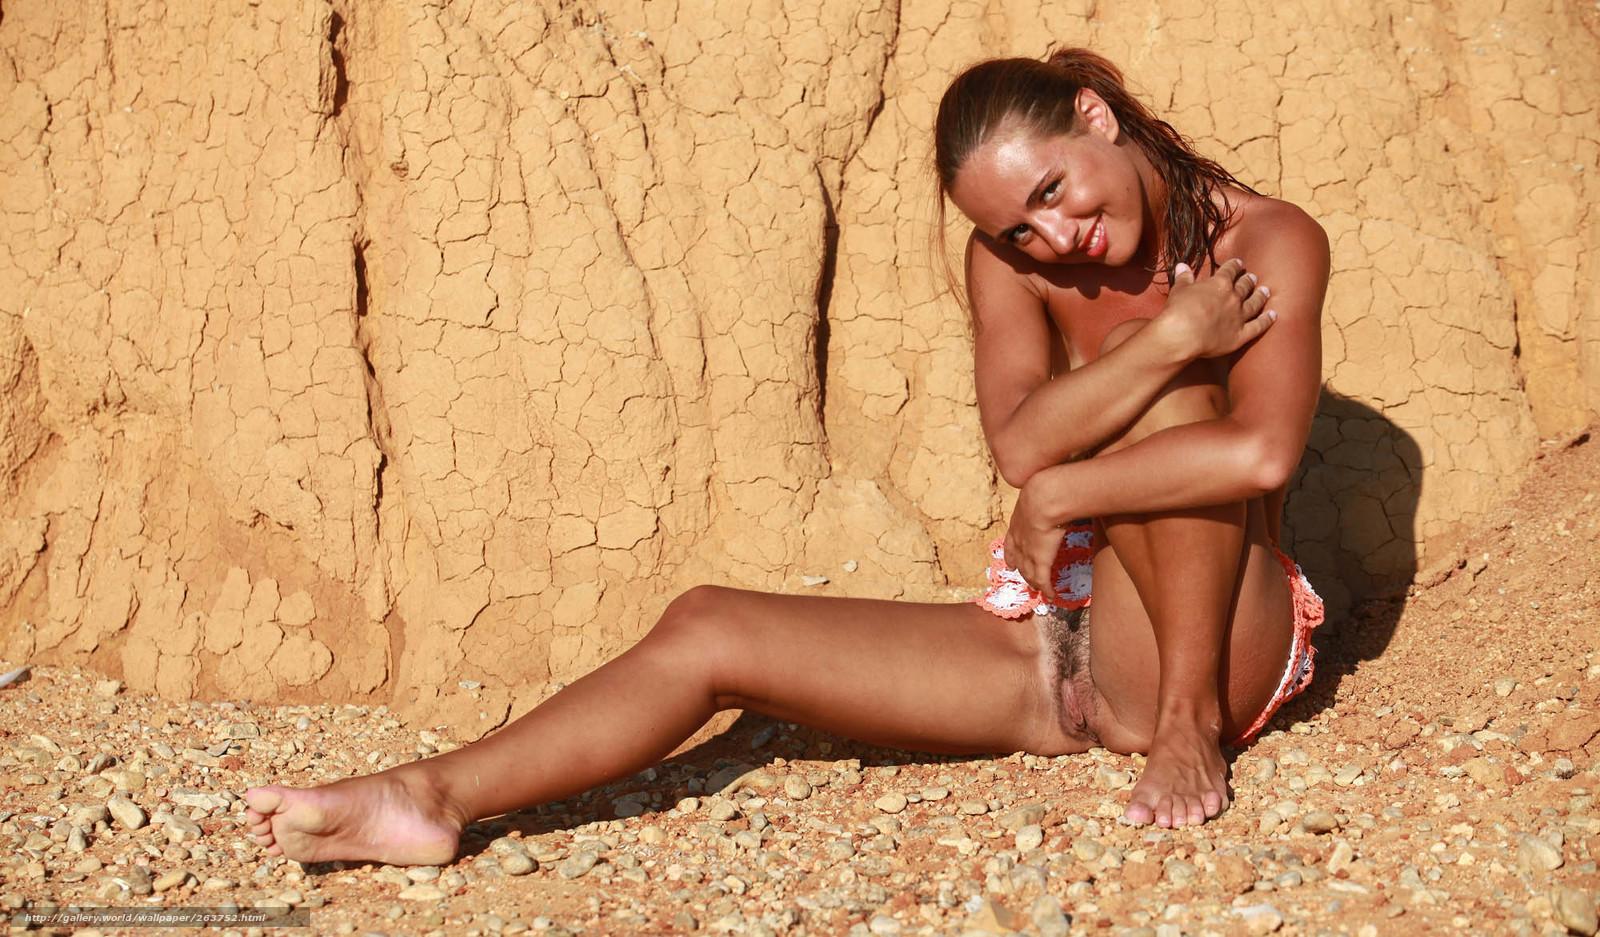 Эротические фото женщин россия 22 фотография